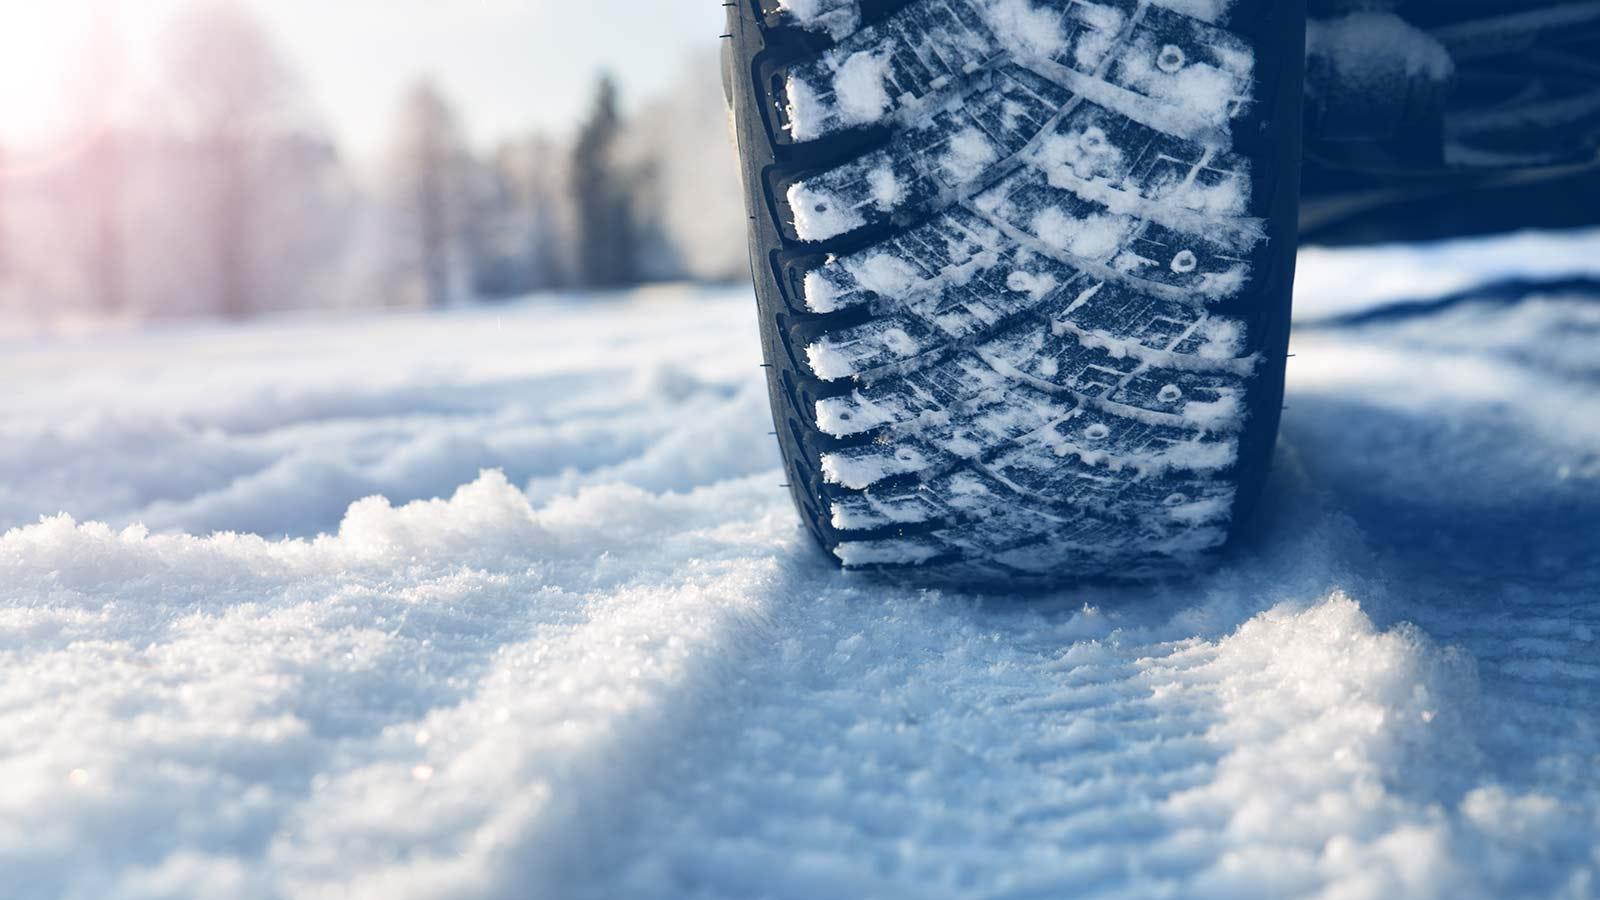 closeup of a car tire in winter